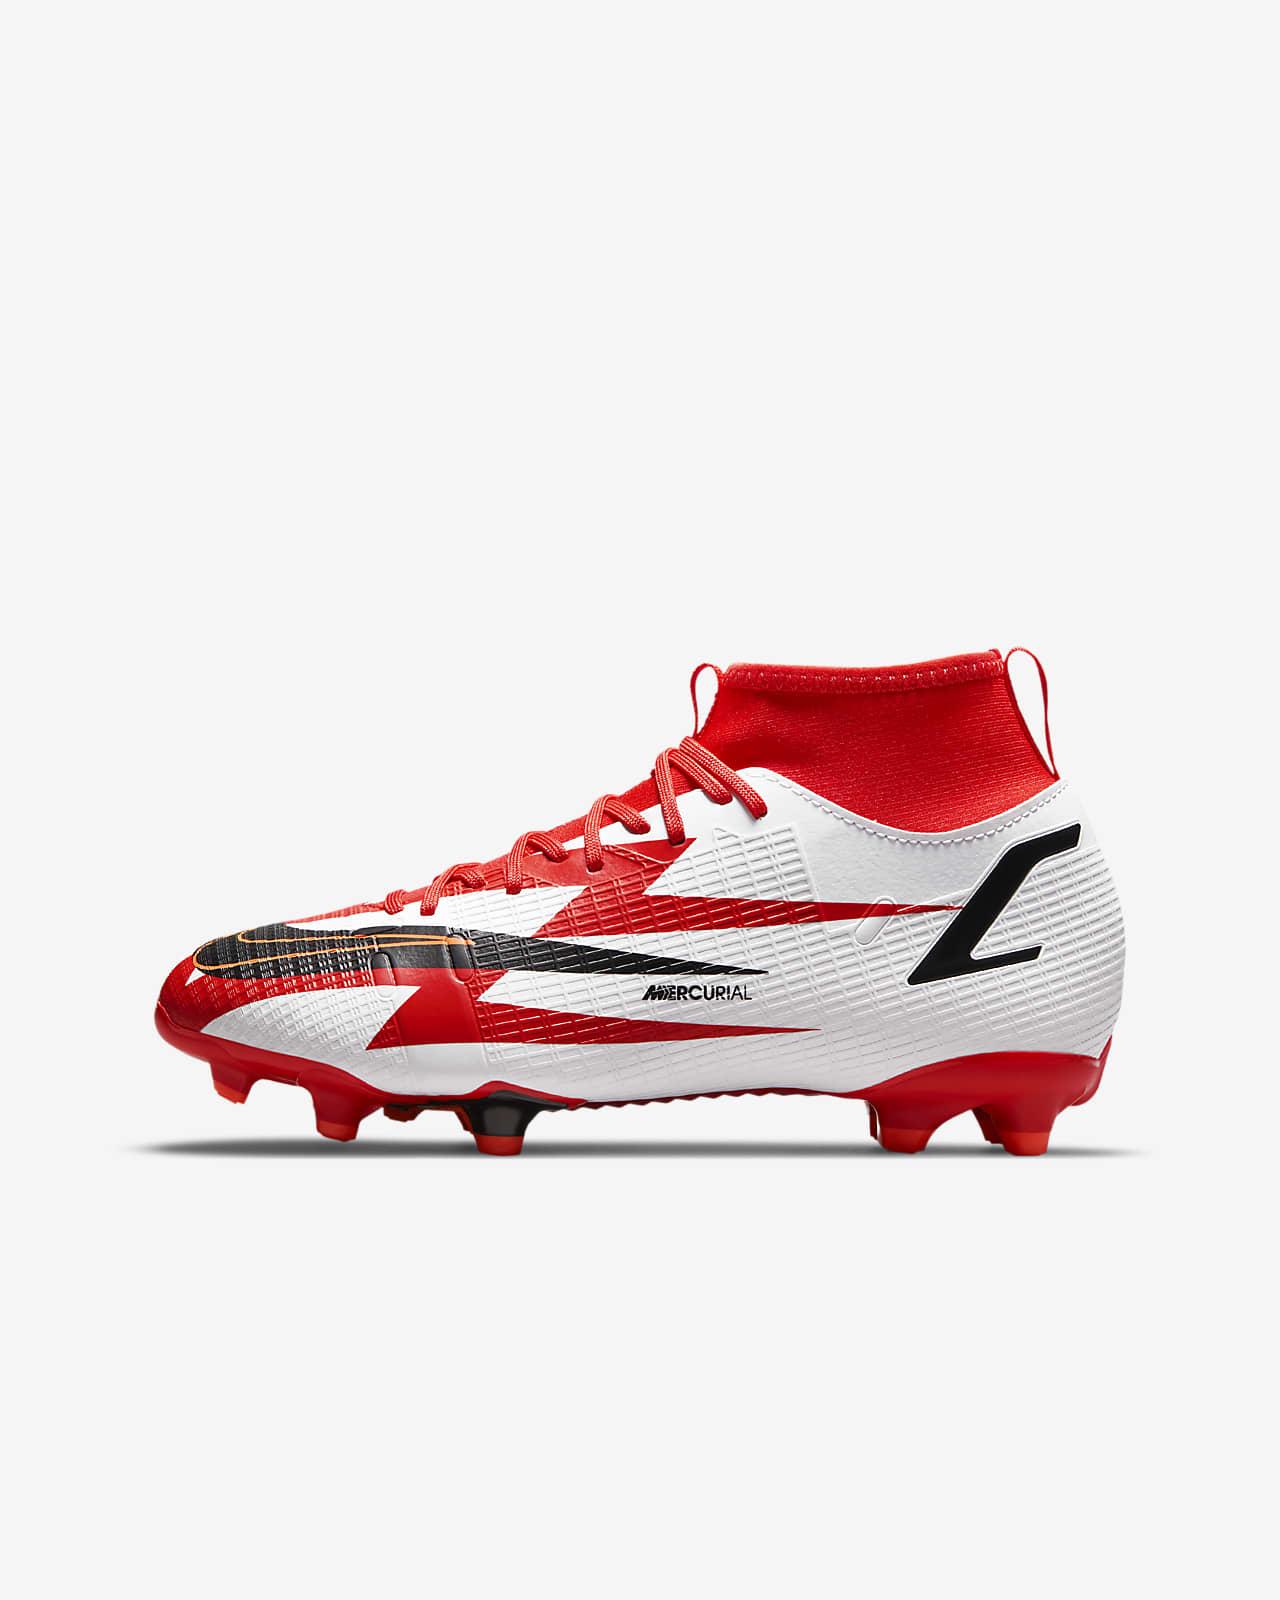 รองเท้าสตั๊ดฟุตบอลเด็กเล็ก/เด็กโตสำหรับพื้นหลายประเภท Nike Jr. Mercurial Superfly 8 Academy CR7 MG